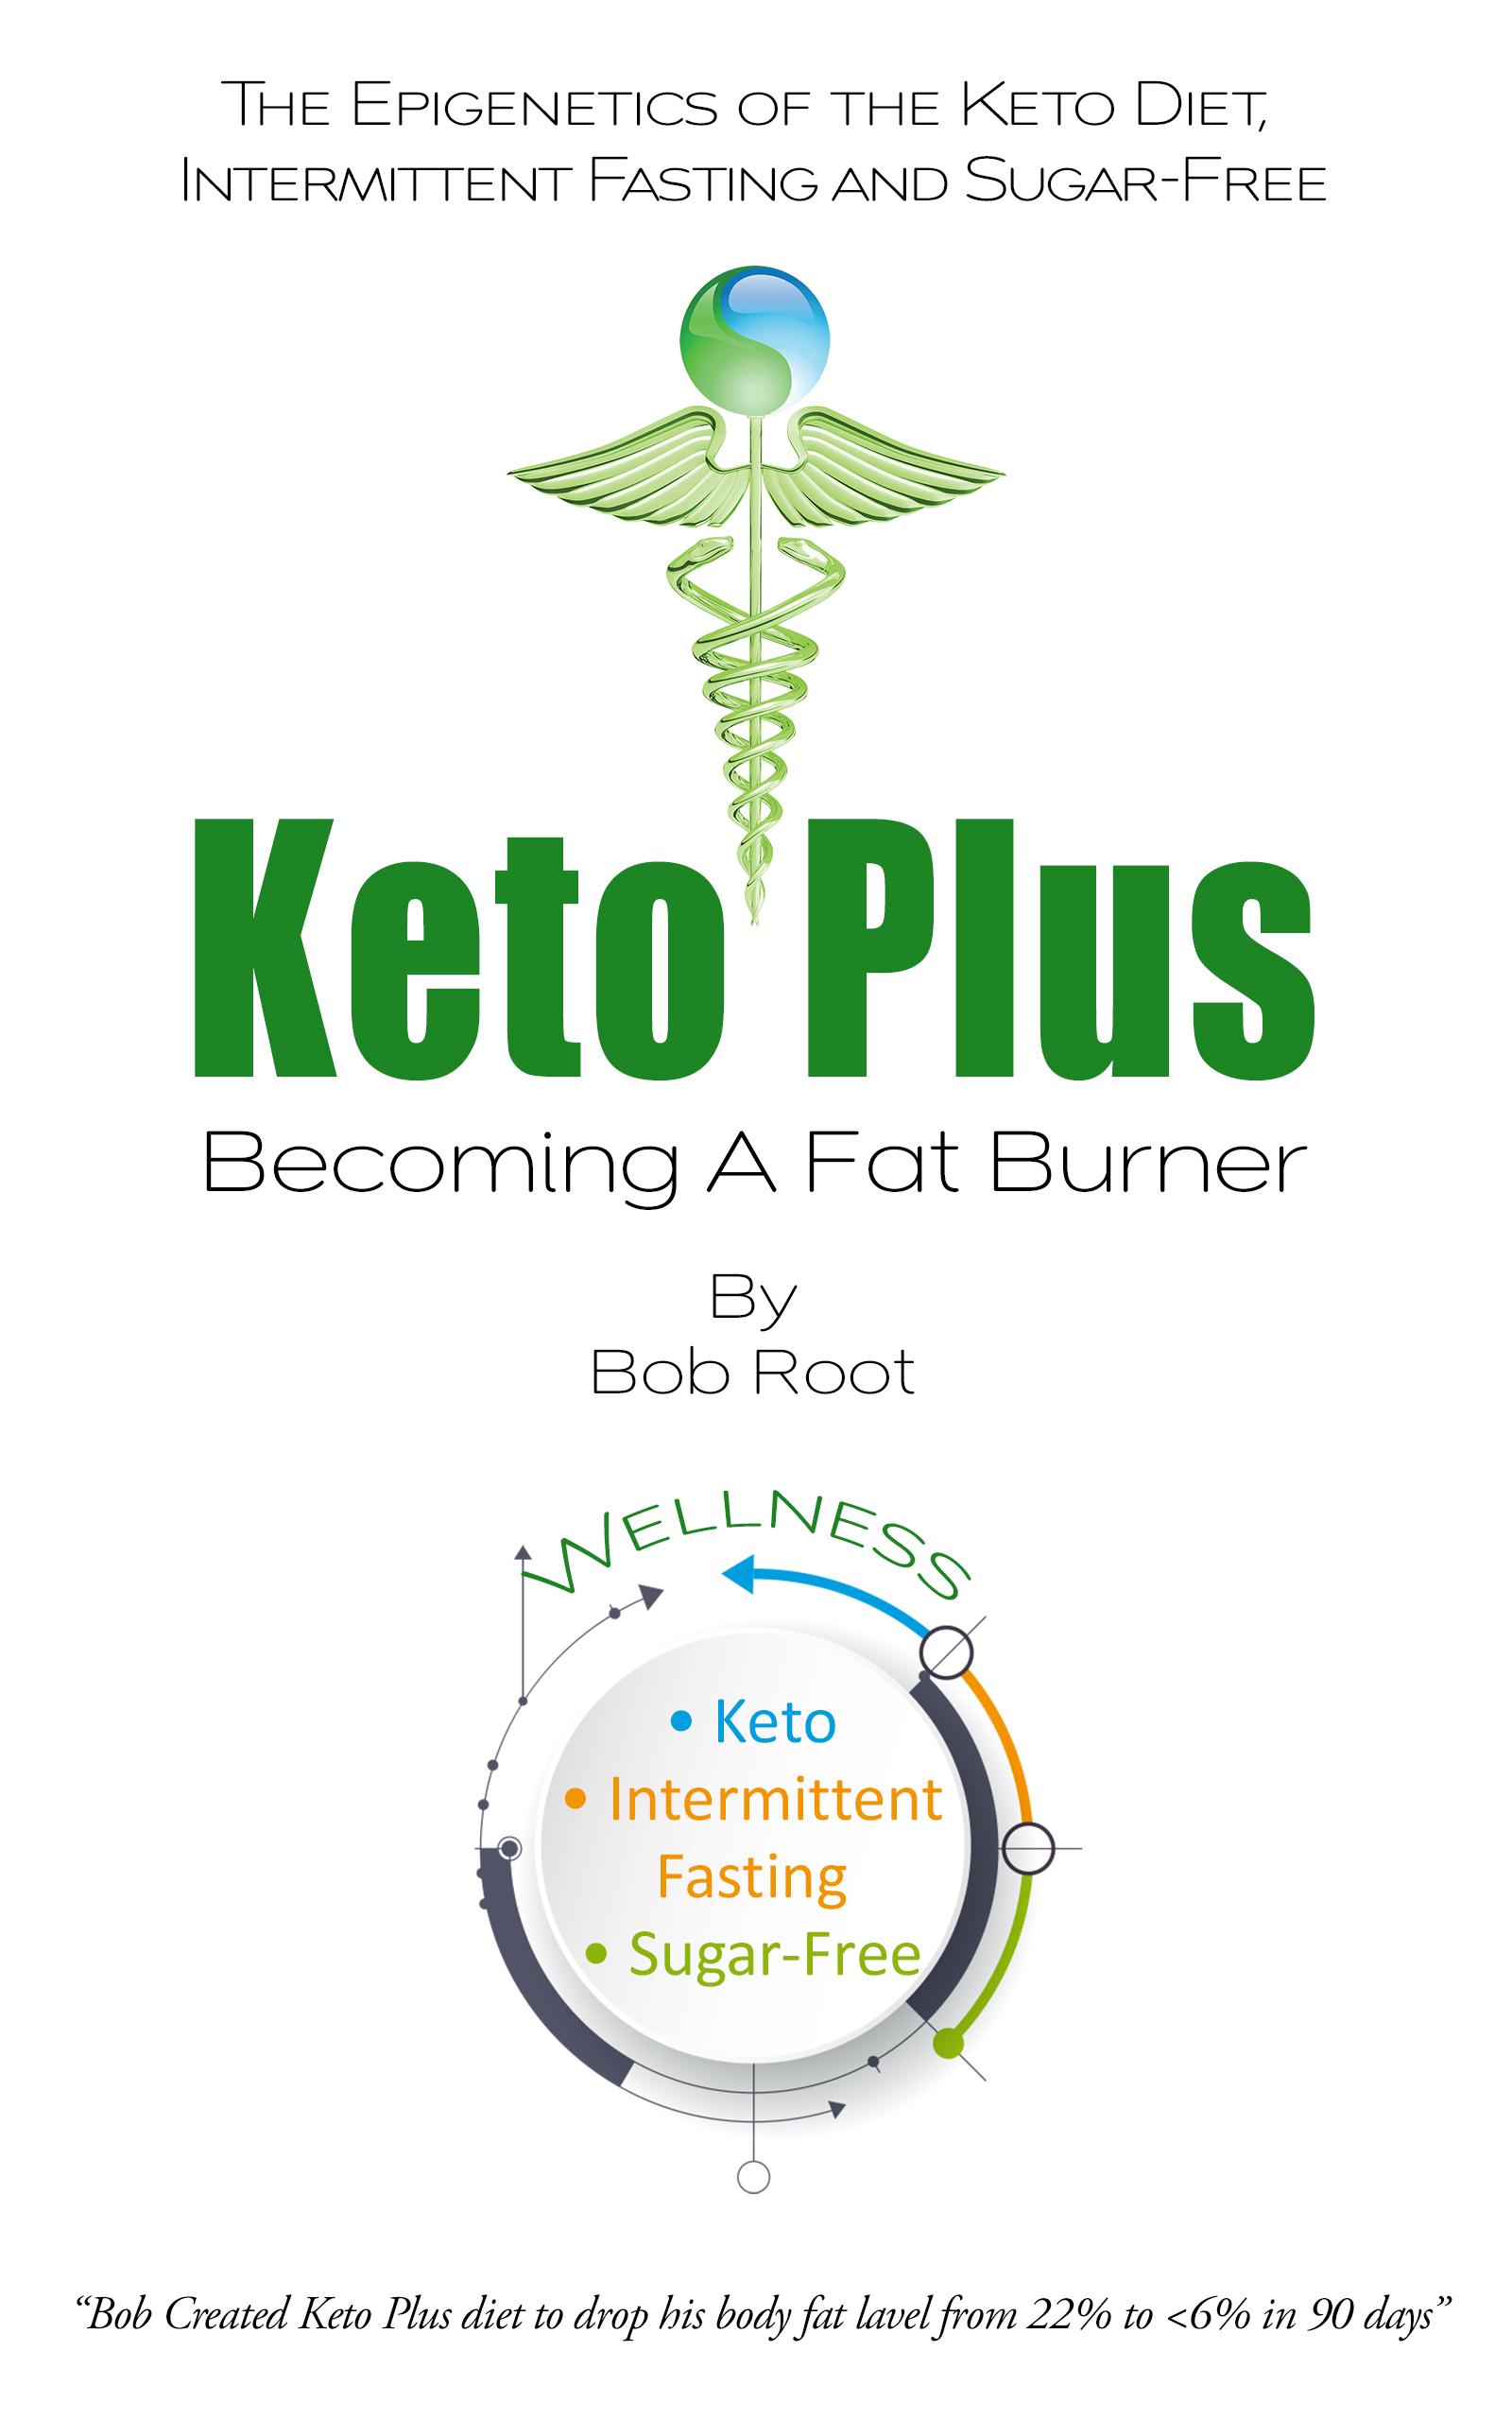 Keto Plus – New Book by Keys, Bob Root